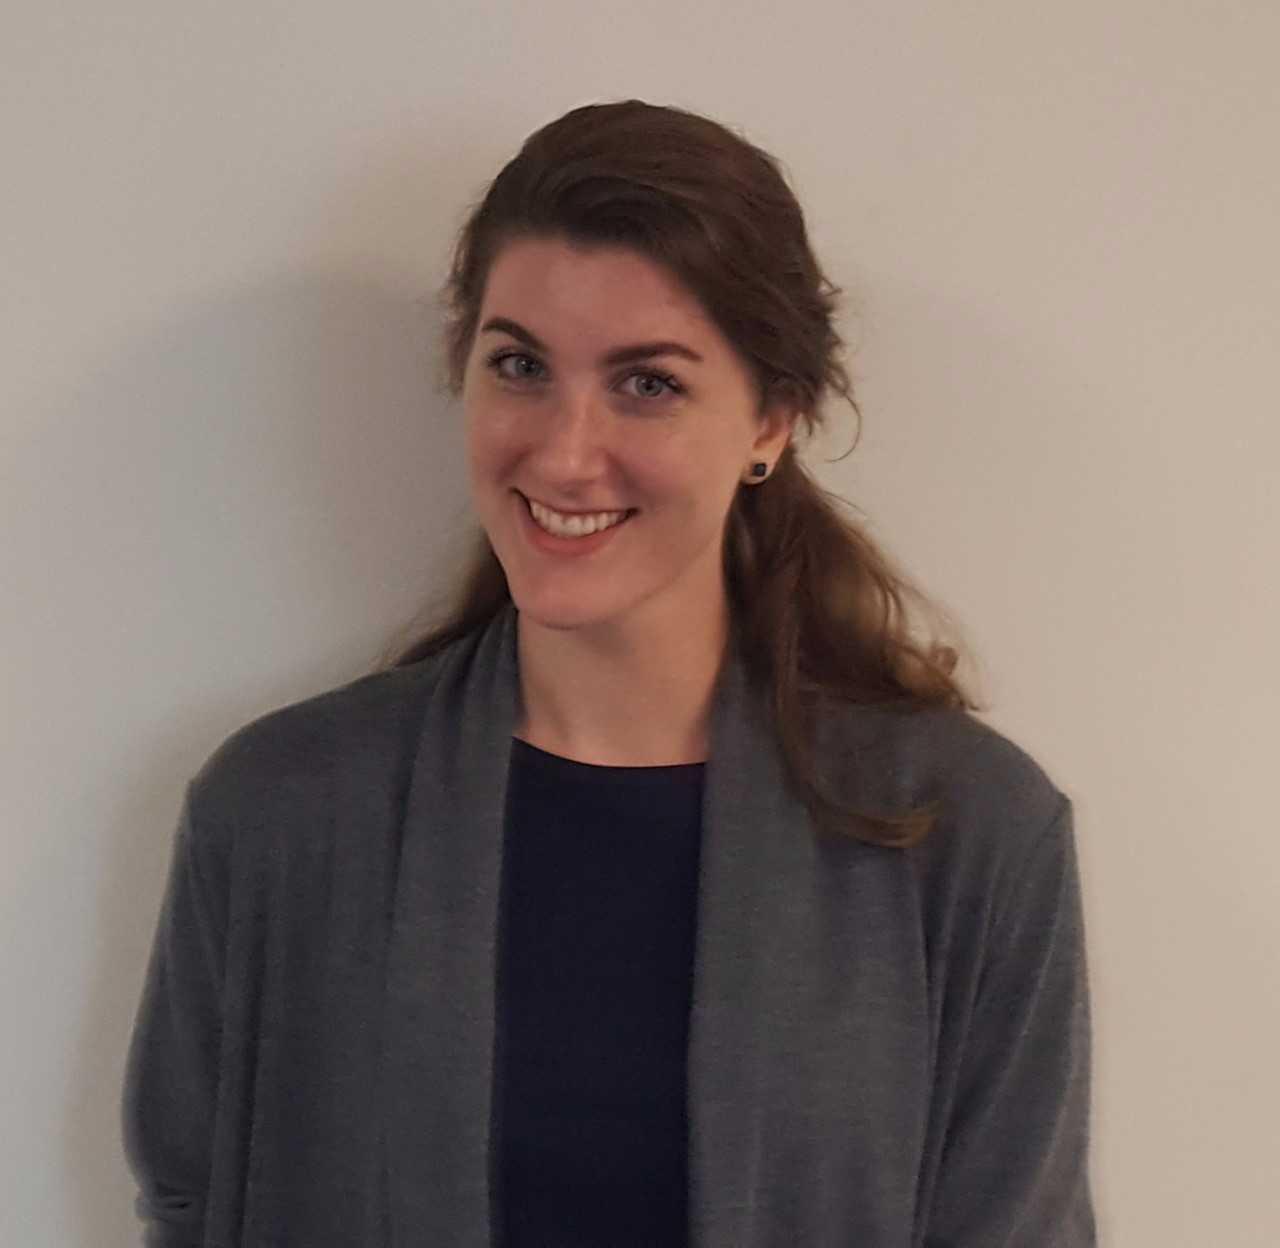 Communication on this topic: Kate Williamson, paloma-kwiatkowski/